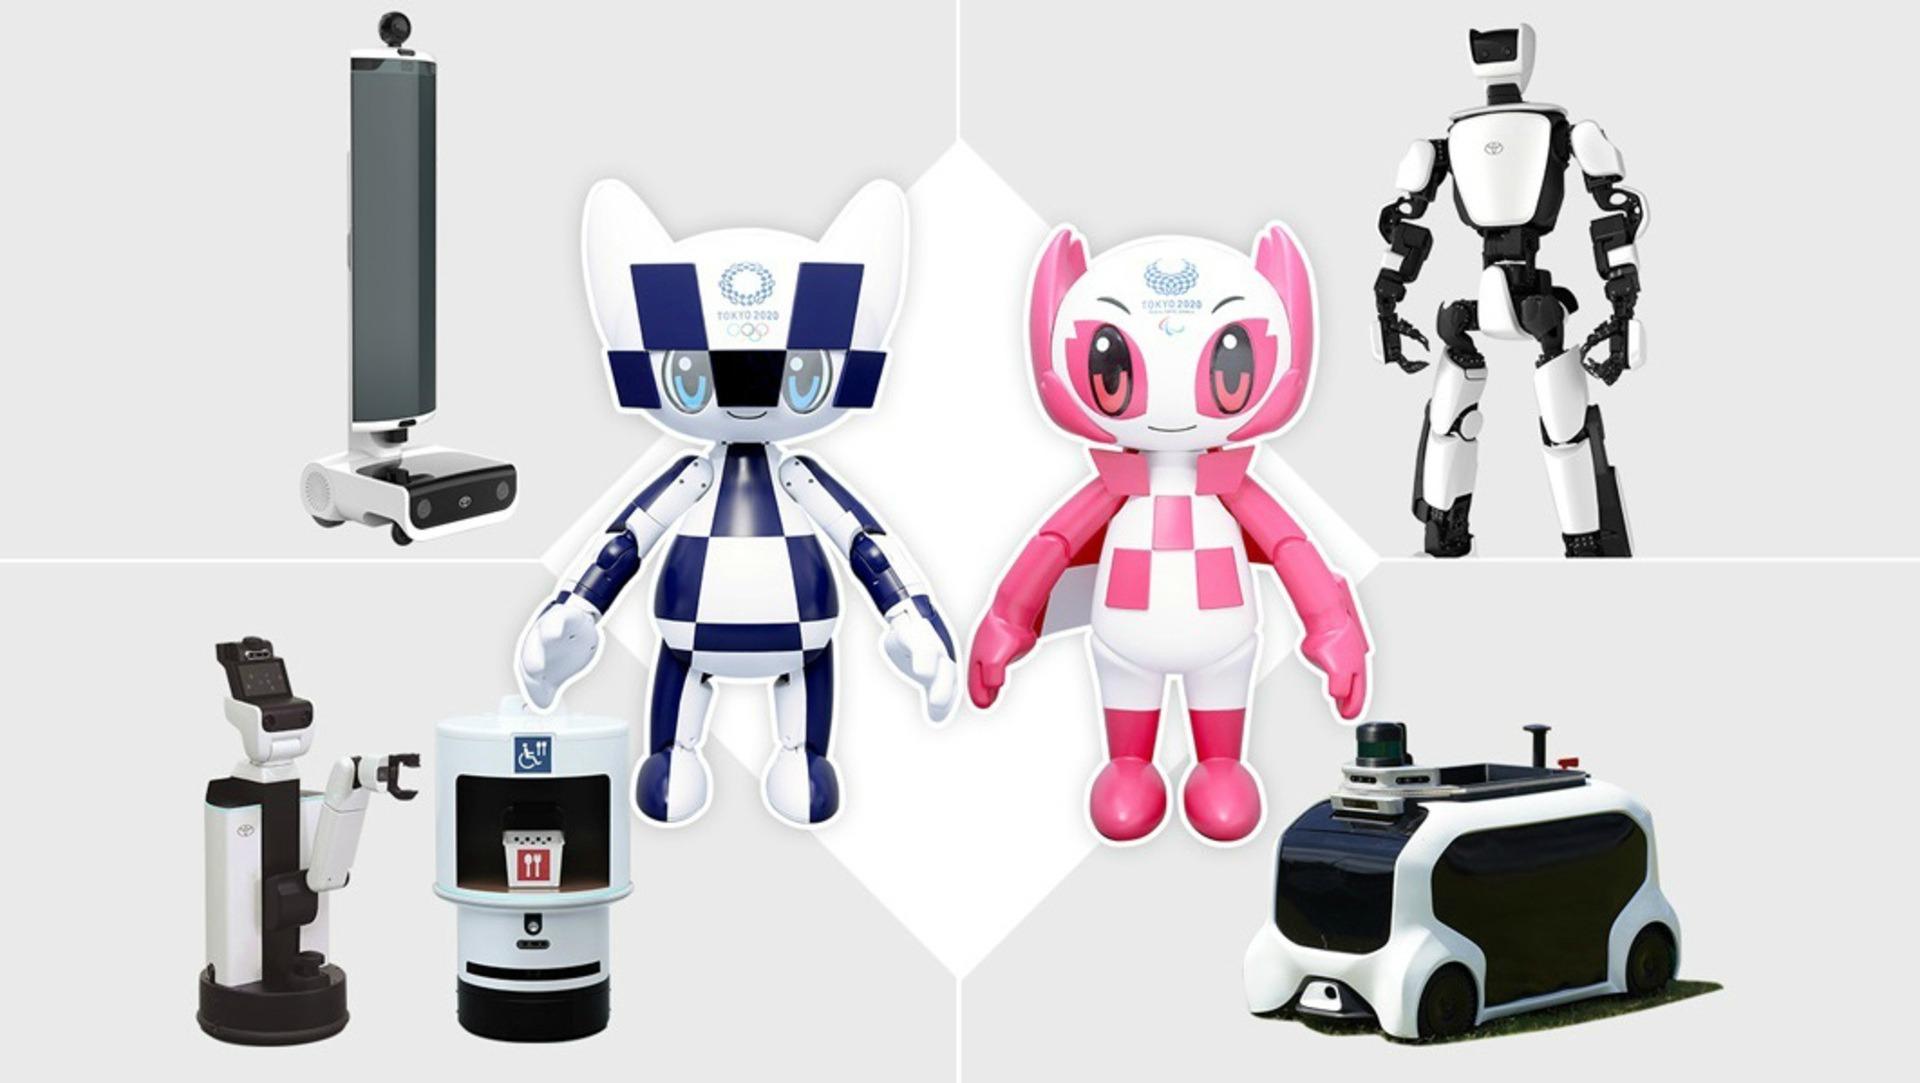 toyota, robots, tokyo 2020, tokio